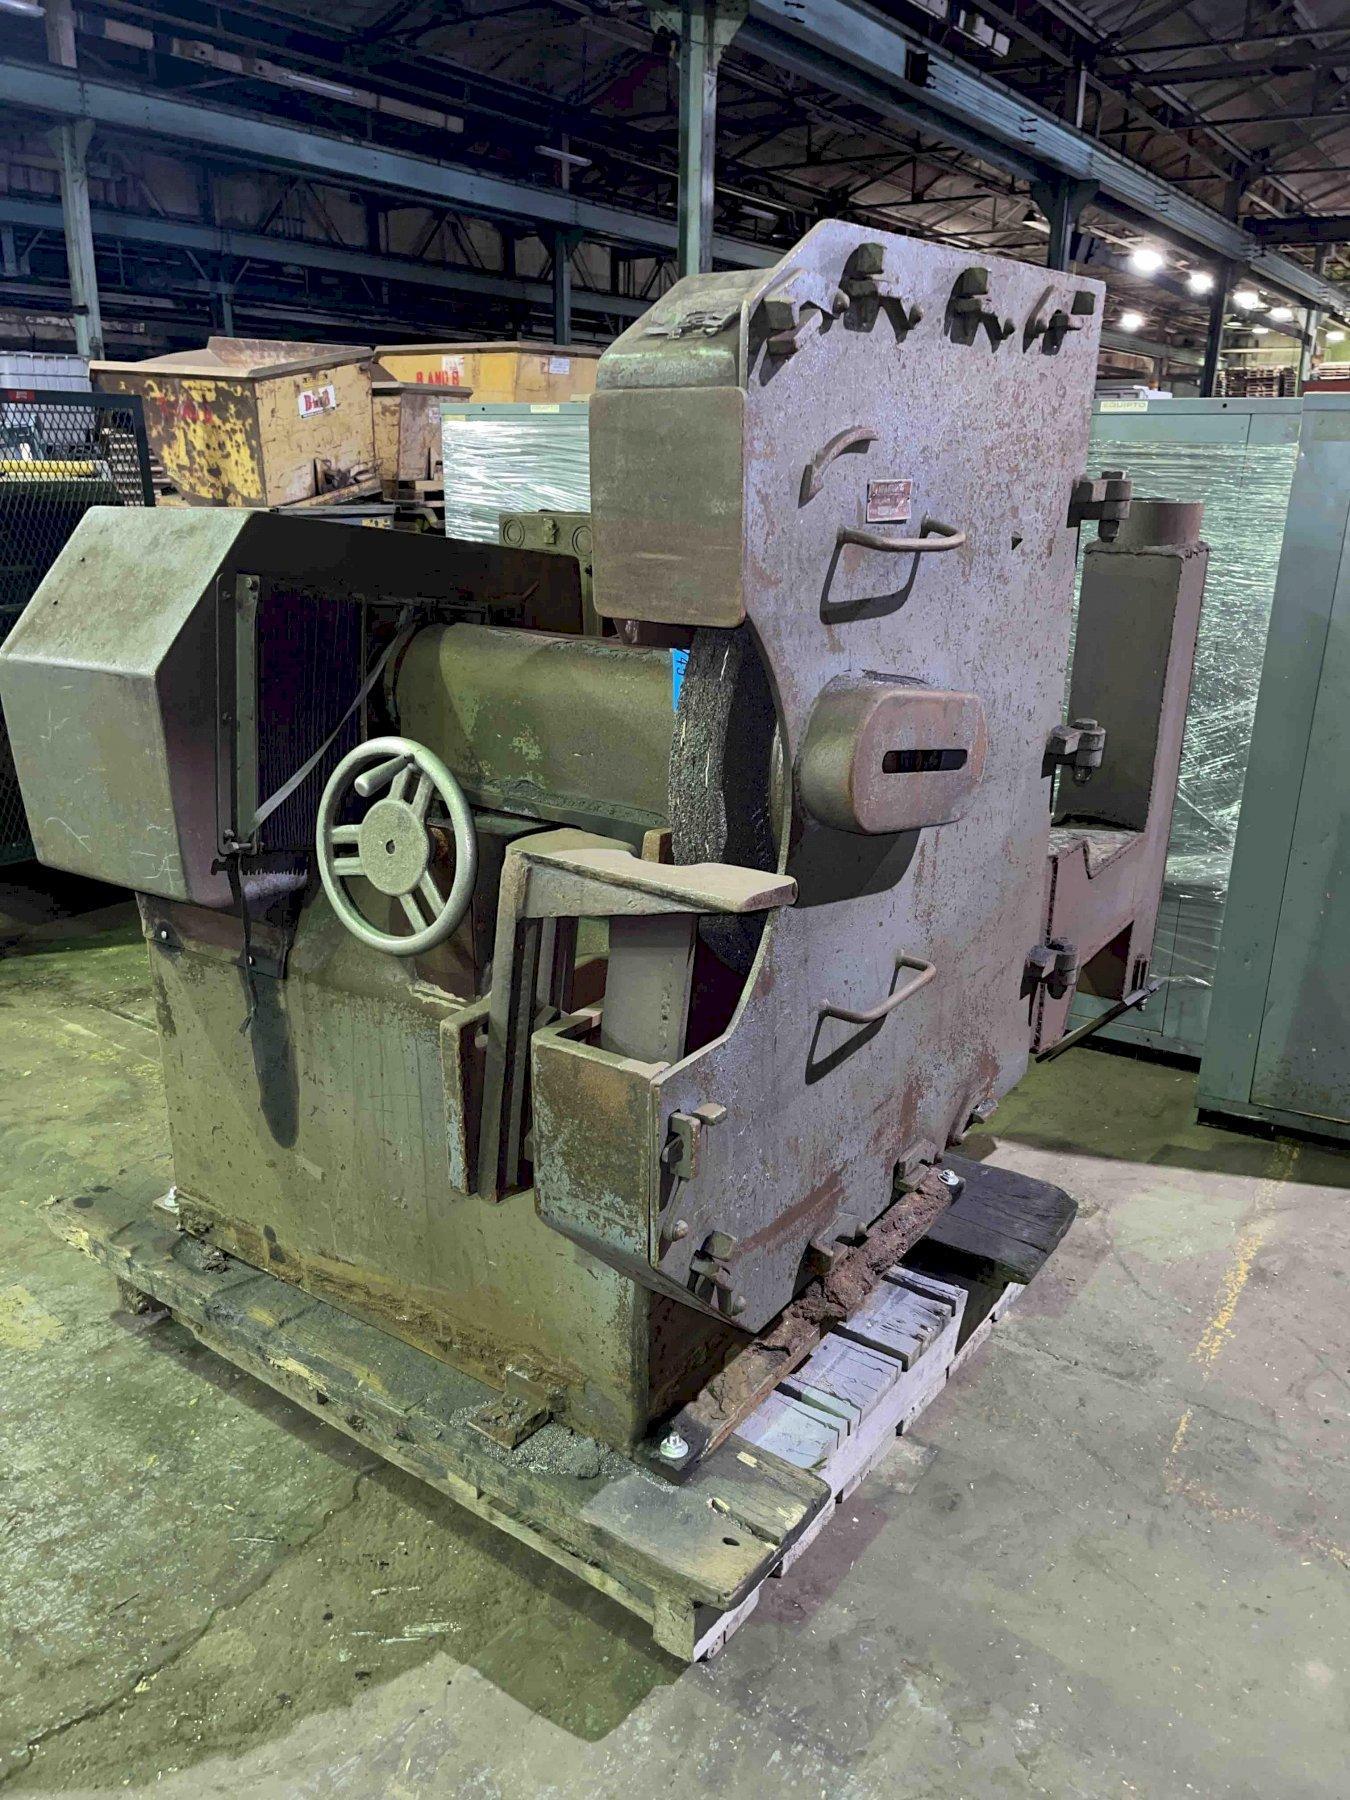 Cincinnati model 926-515-8 single end snag grinder with safety guard, 15 hp